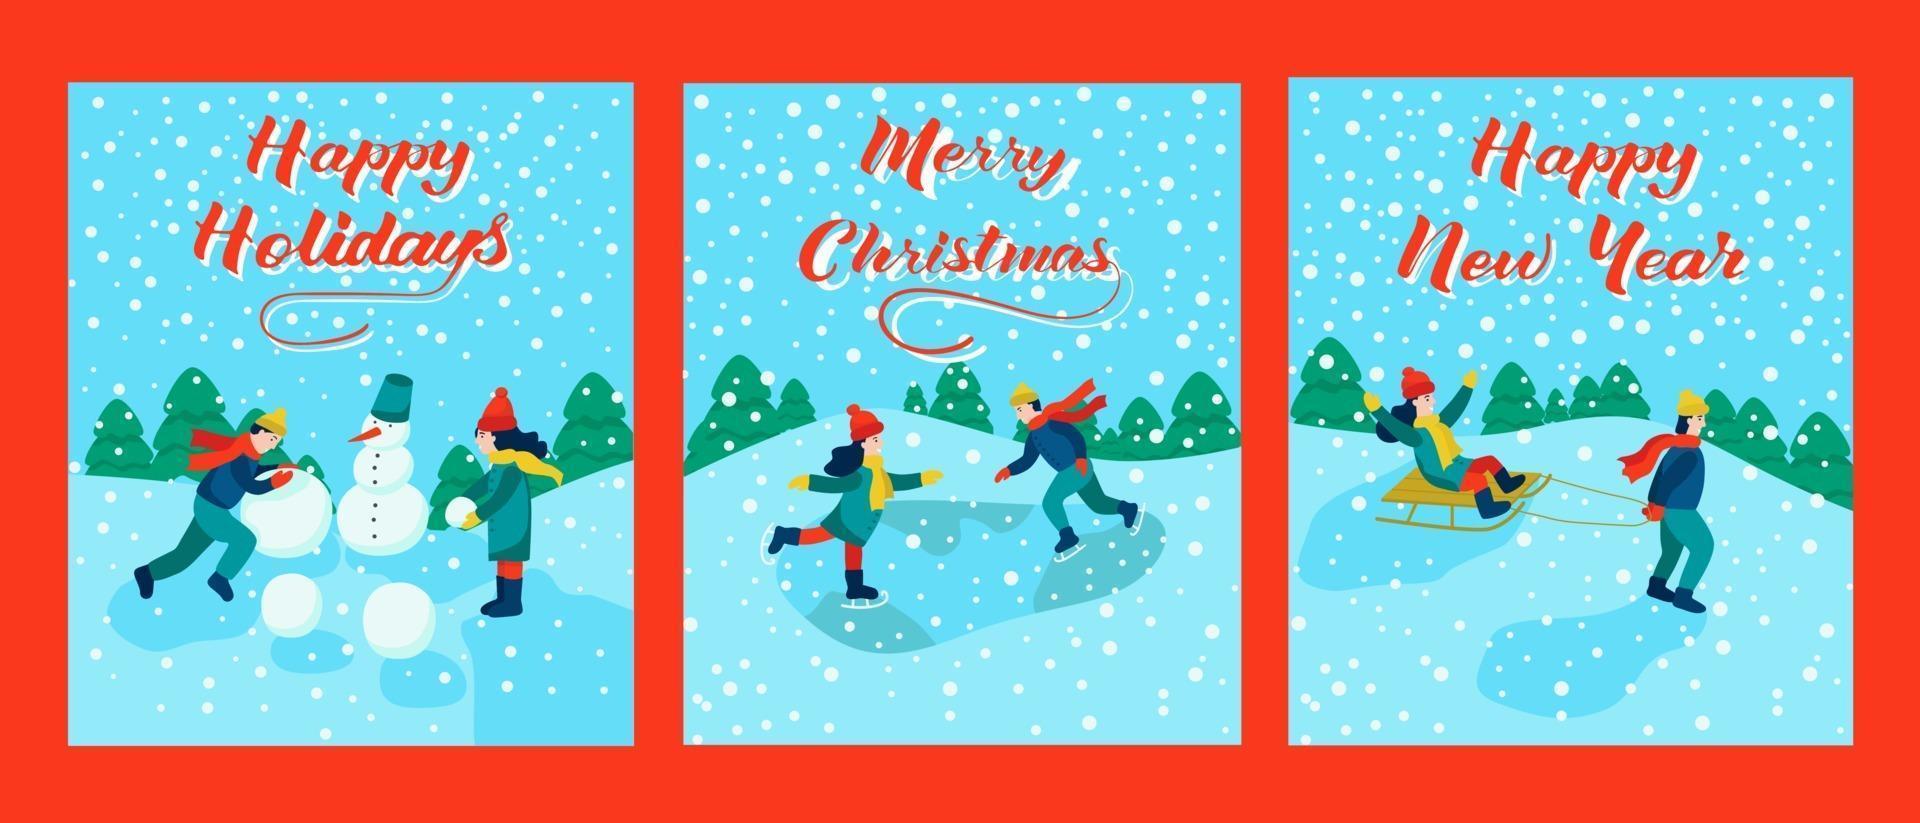 juego de tarjetas navideñas. letras feliz navidad, feliz año nuevo, felices fiestas. los niños van en trineo, patinan, hacen un muñeco de nieve. ilustración vectorial. vector